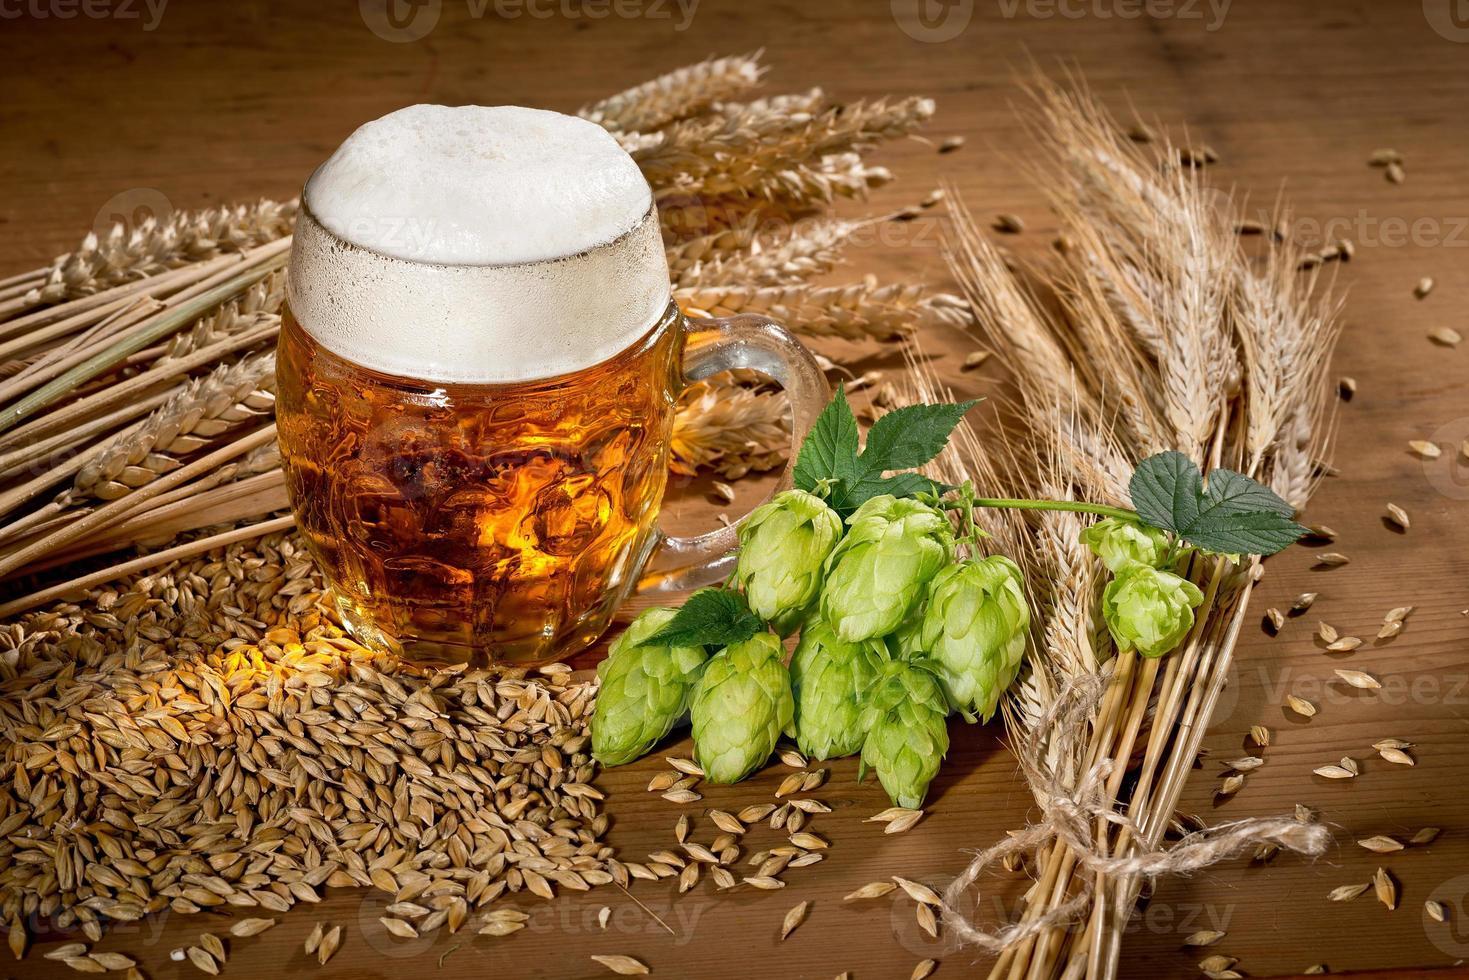 vaso de cerveza y lúpulo foto